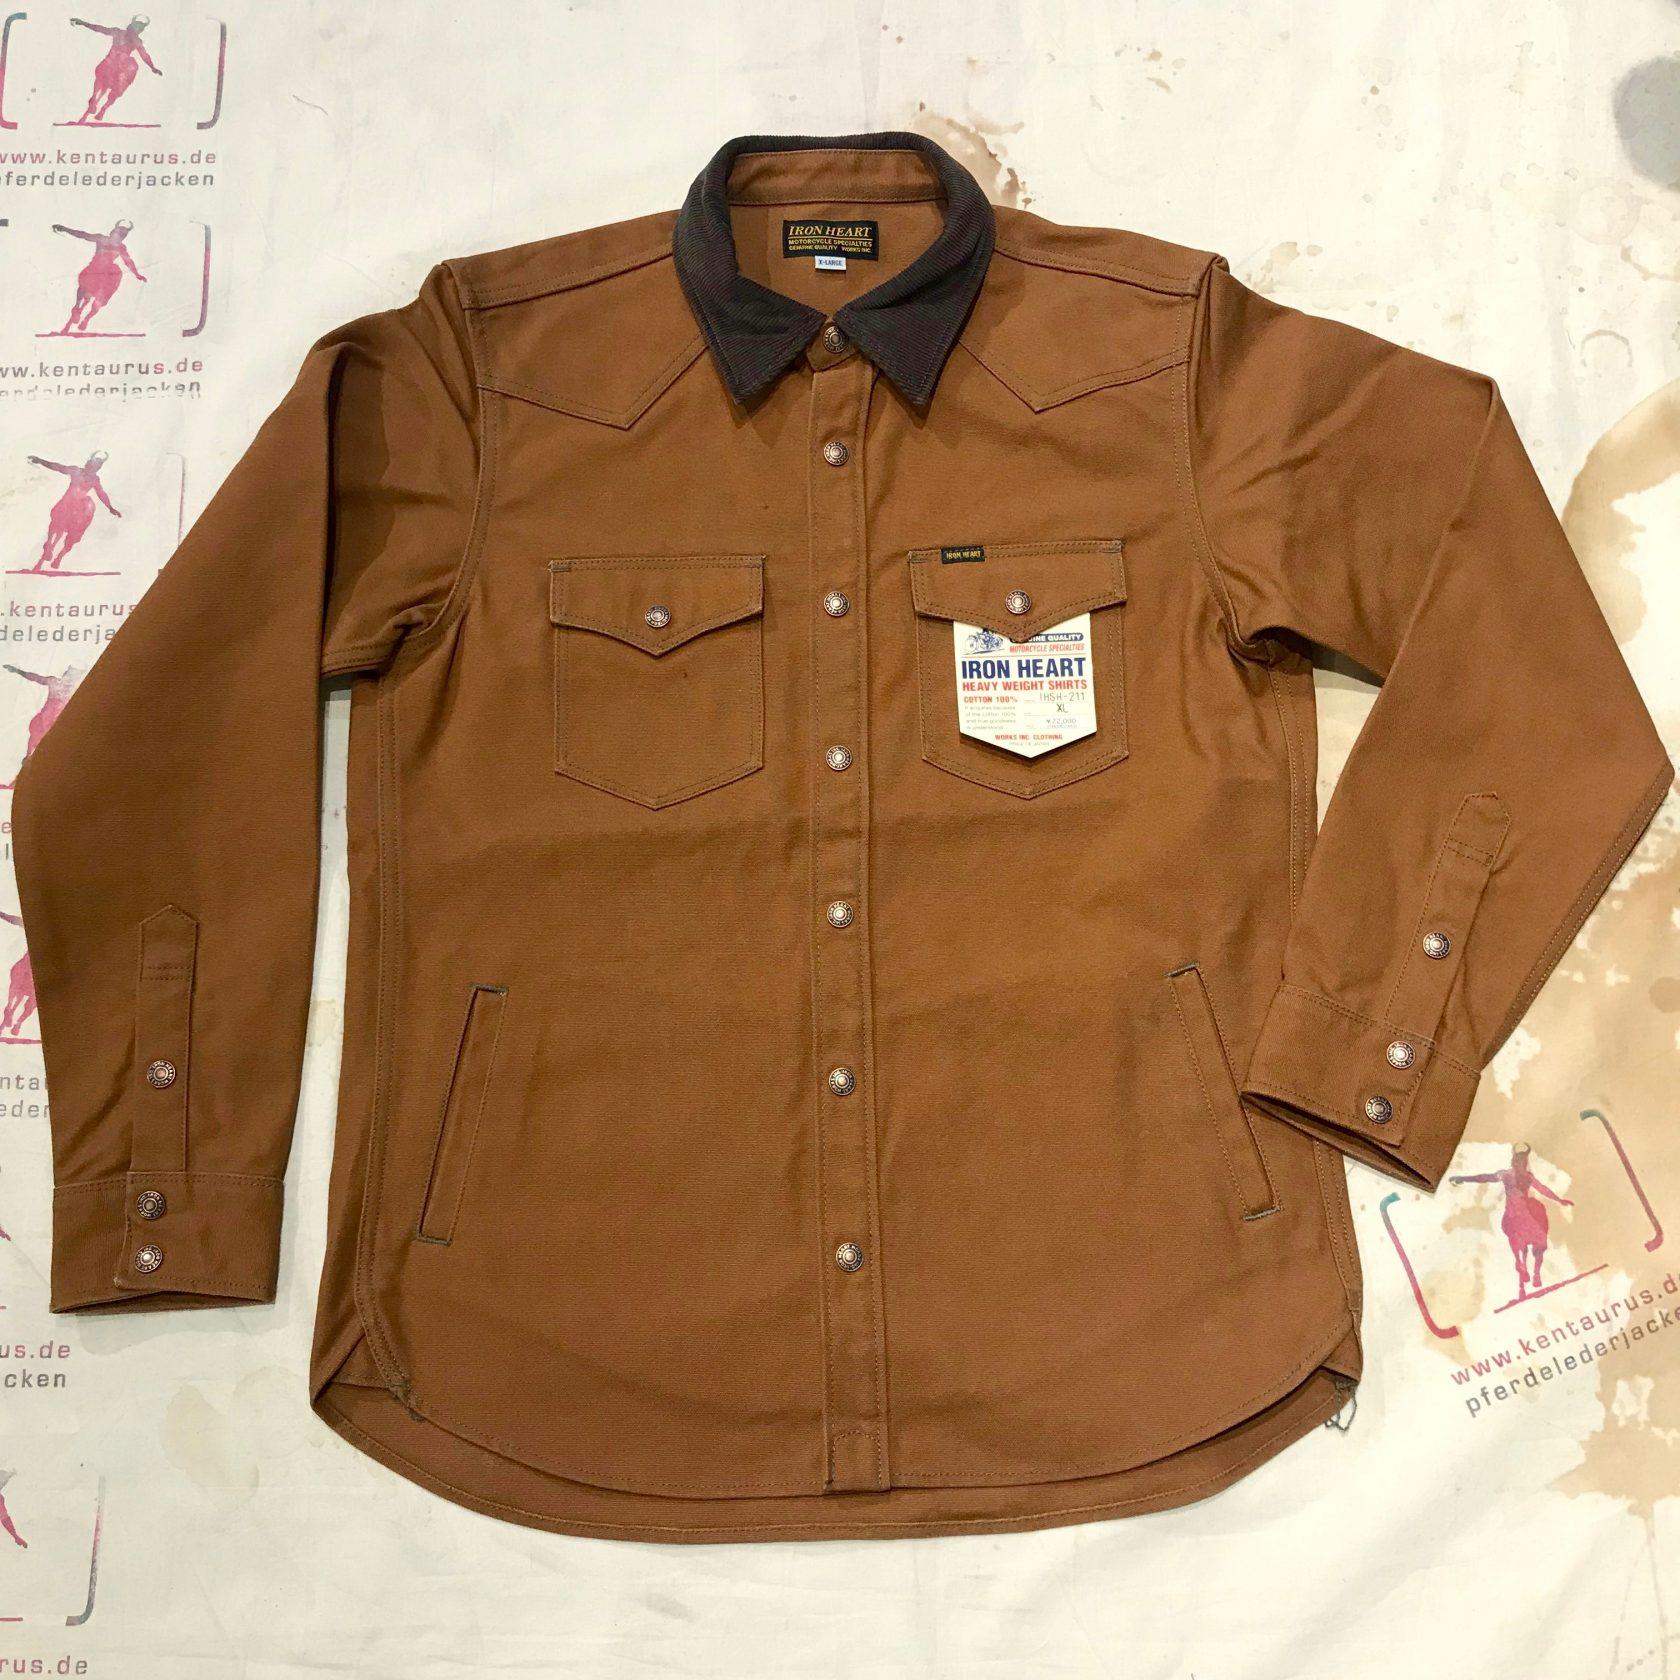 IHSH-211 brown CPO shirt